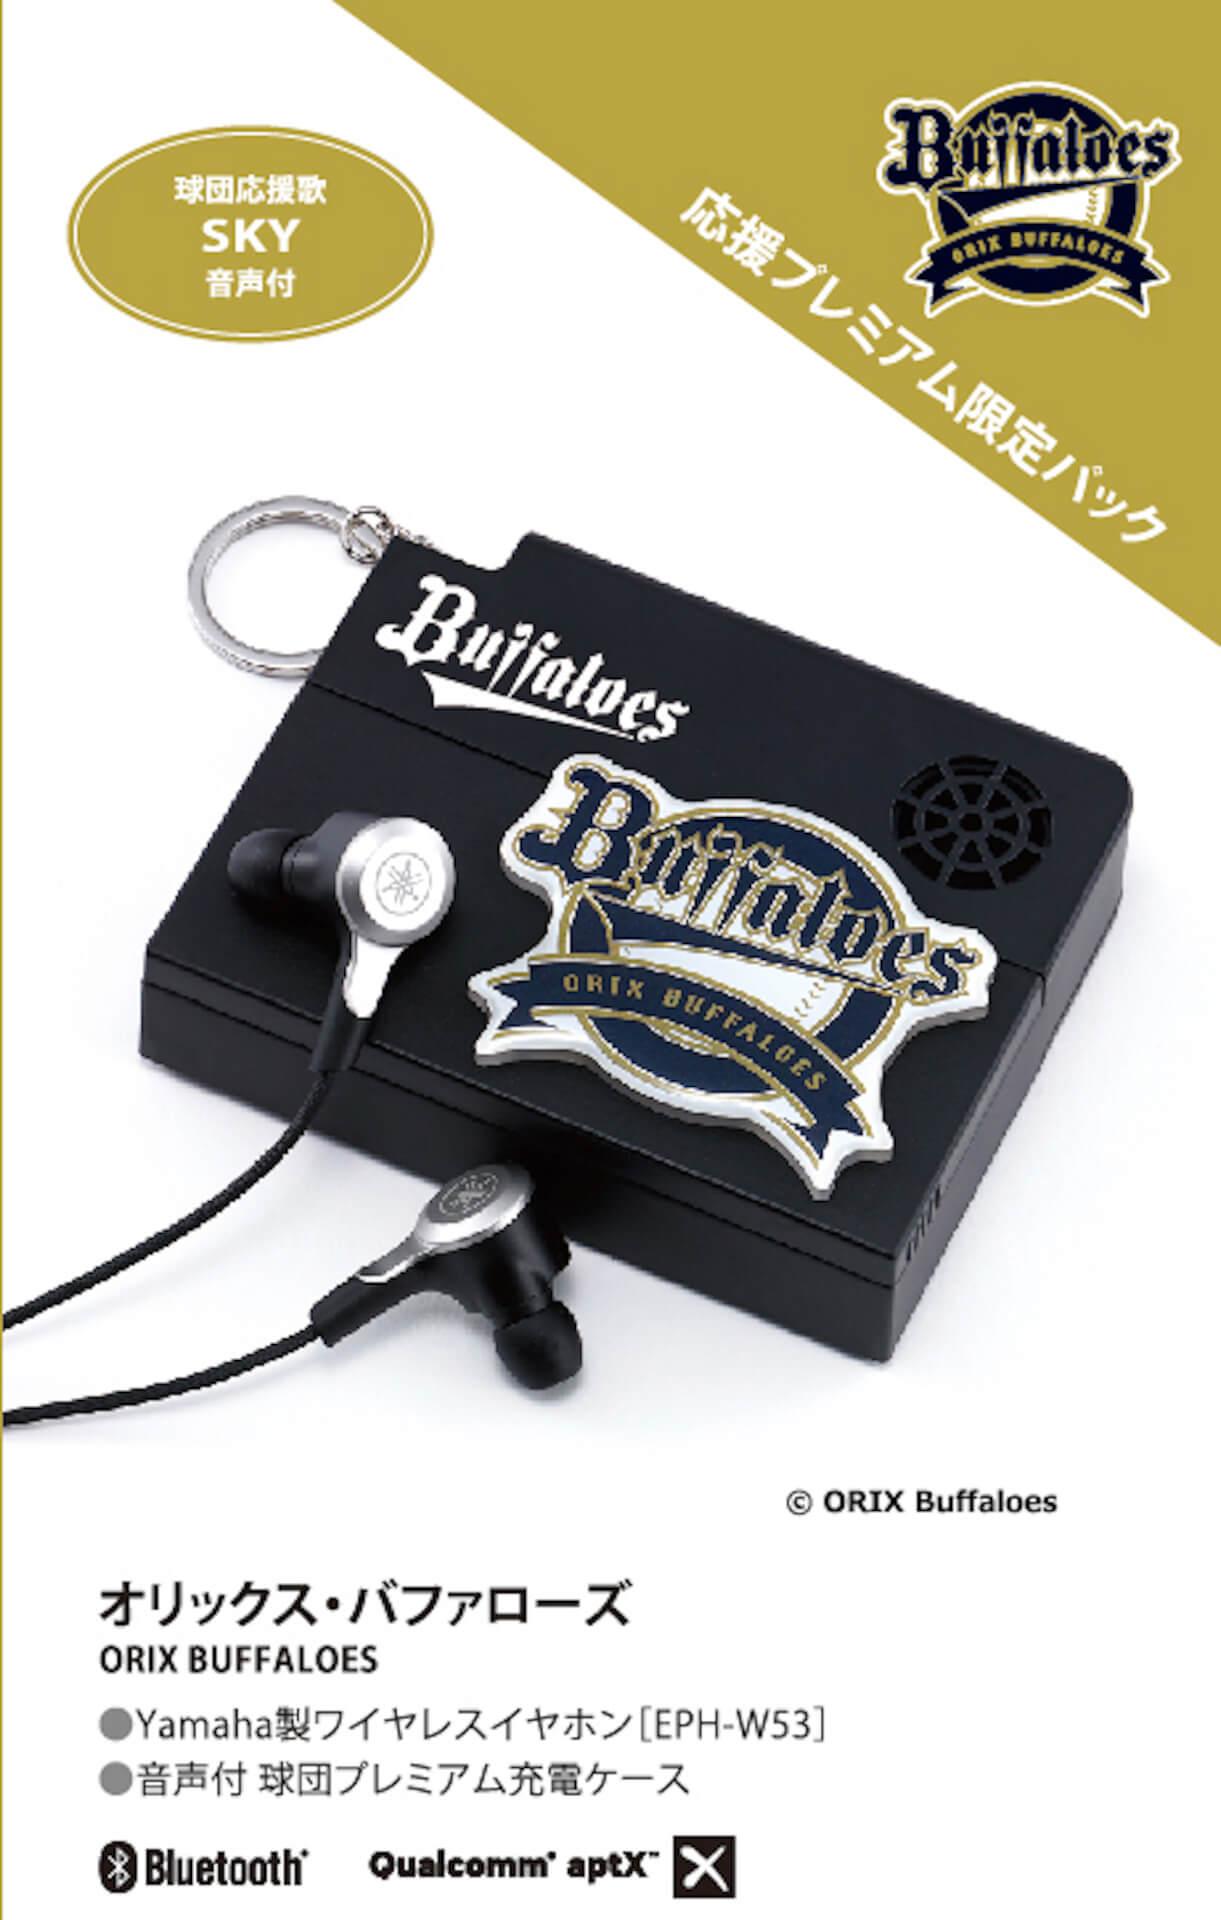 ホークス、タイガースにカープも!ワイヤレスイヤホンとプロ野球10球団別ロゴ入り充電ケースのセットが限定発売 tech191101_baseball_earphone_18